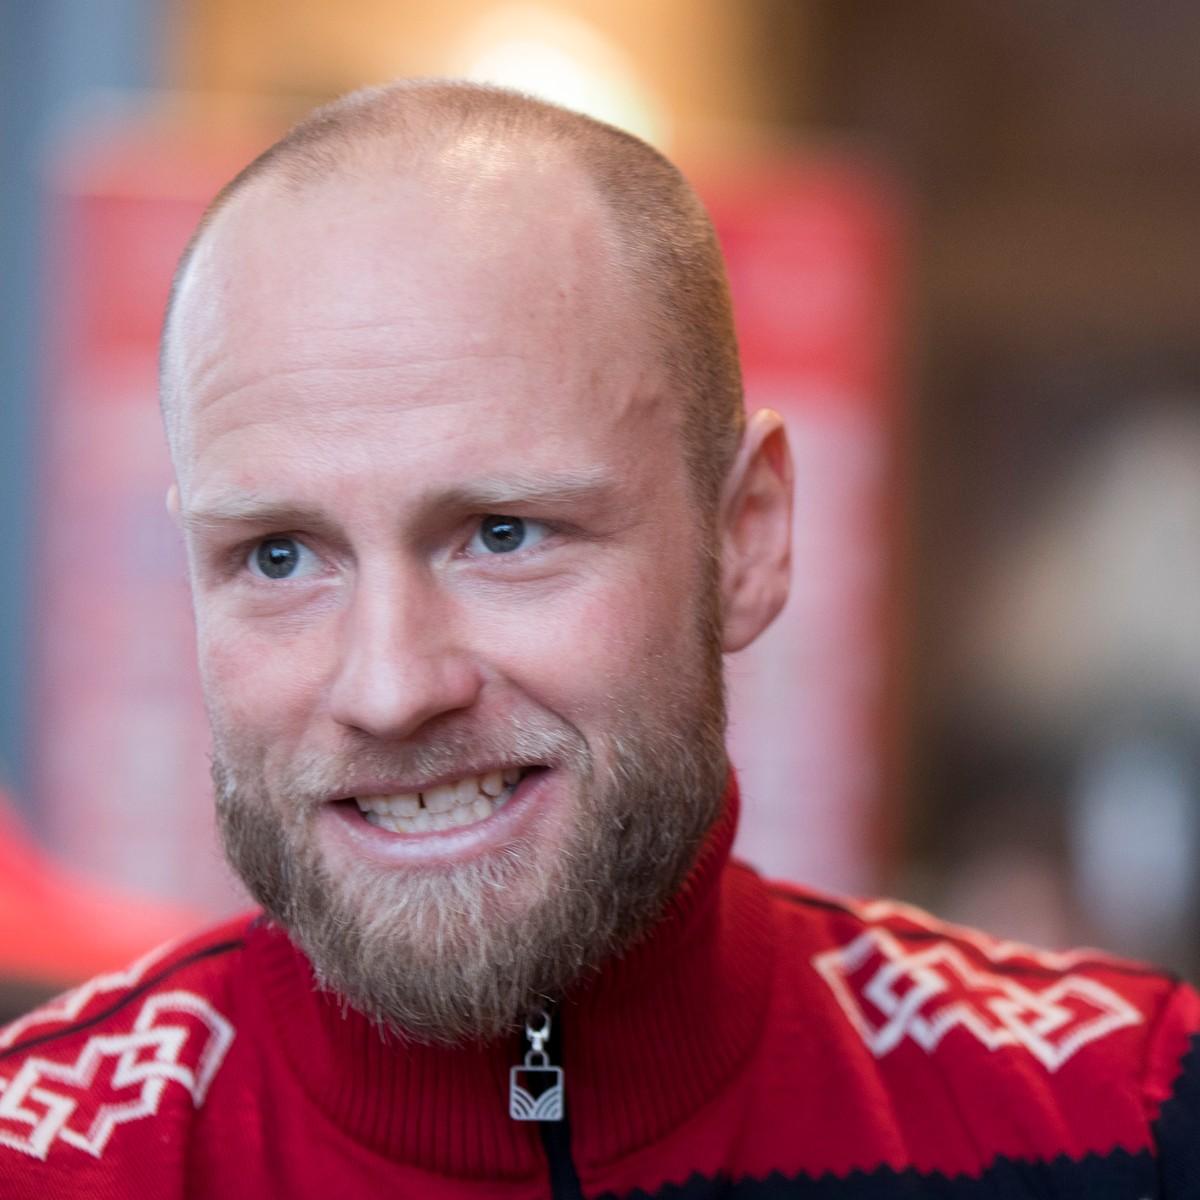 Sundby Blir Pappa For Tredje Gang Ol Sesongen Fremstar Som En Umulig Oppgave Nrk Sport Sportsnyheter Resultater Og Sendeplan